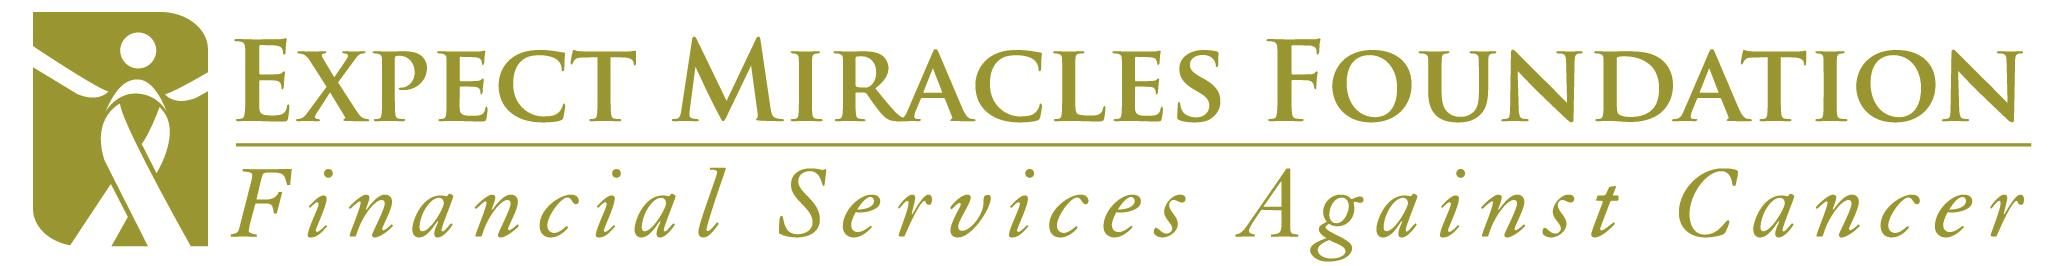 ExpectMiracles_Logo_green_1line-01.jpg